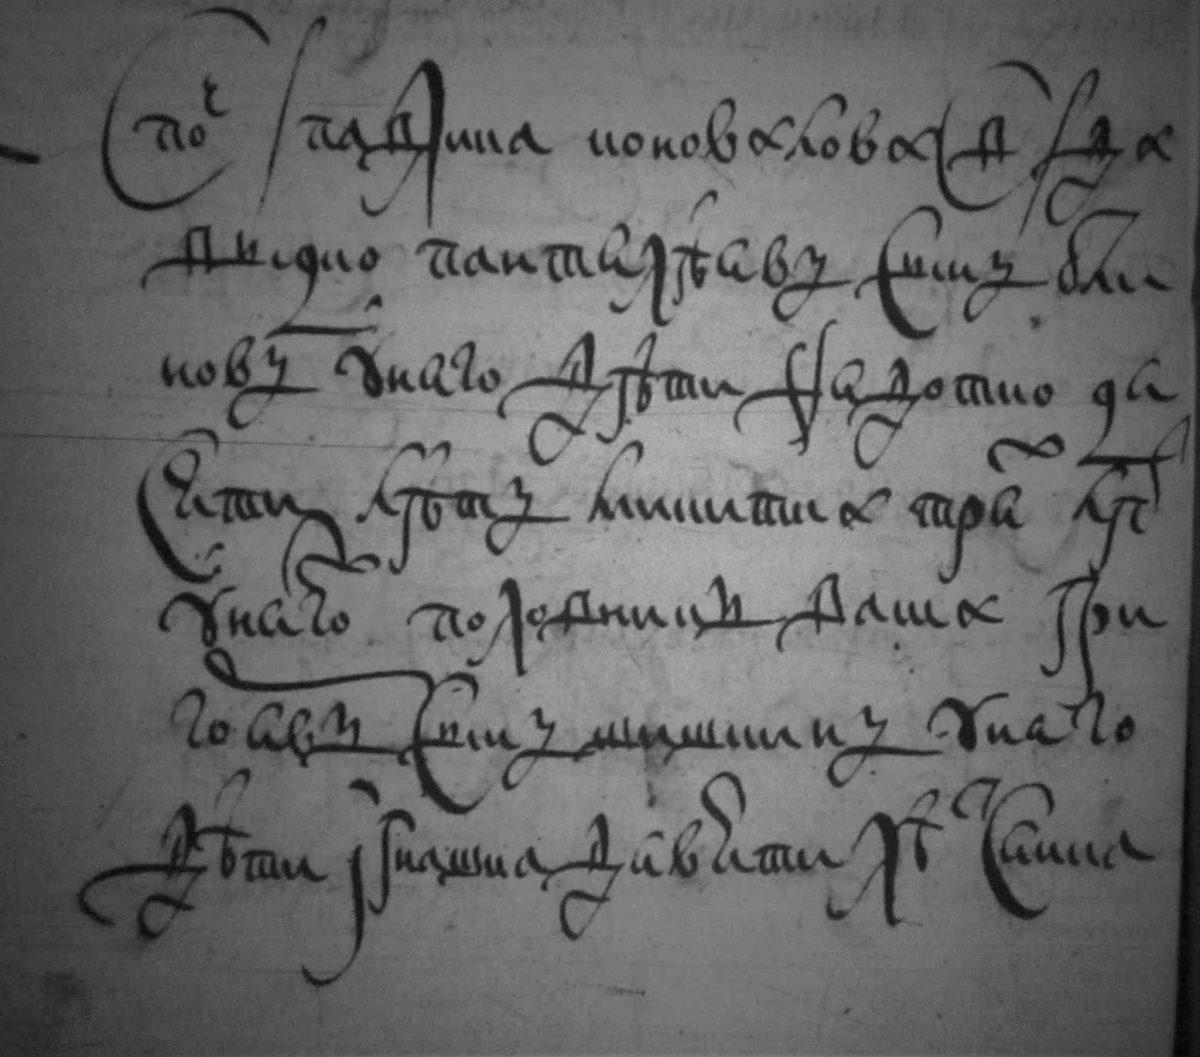 Починок Павлика Конашева Вятская губерния. 1678 год дозорная книга выписки